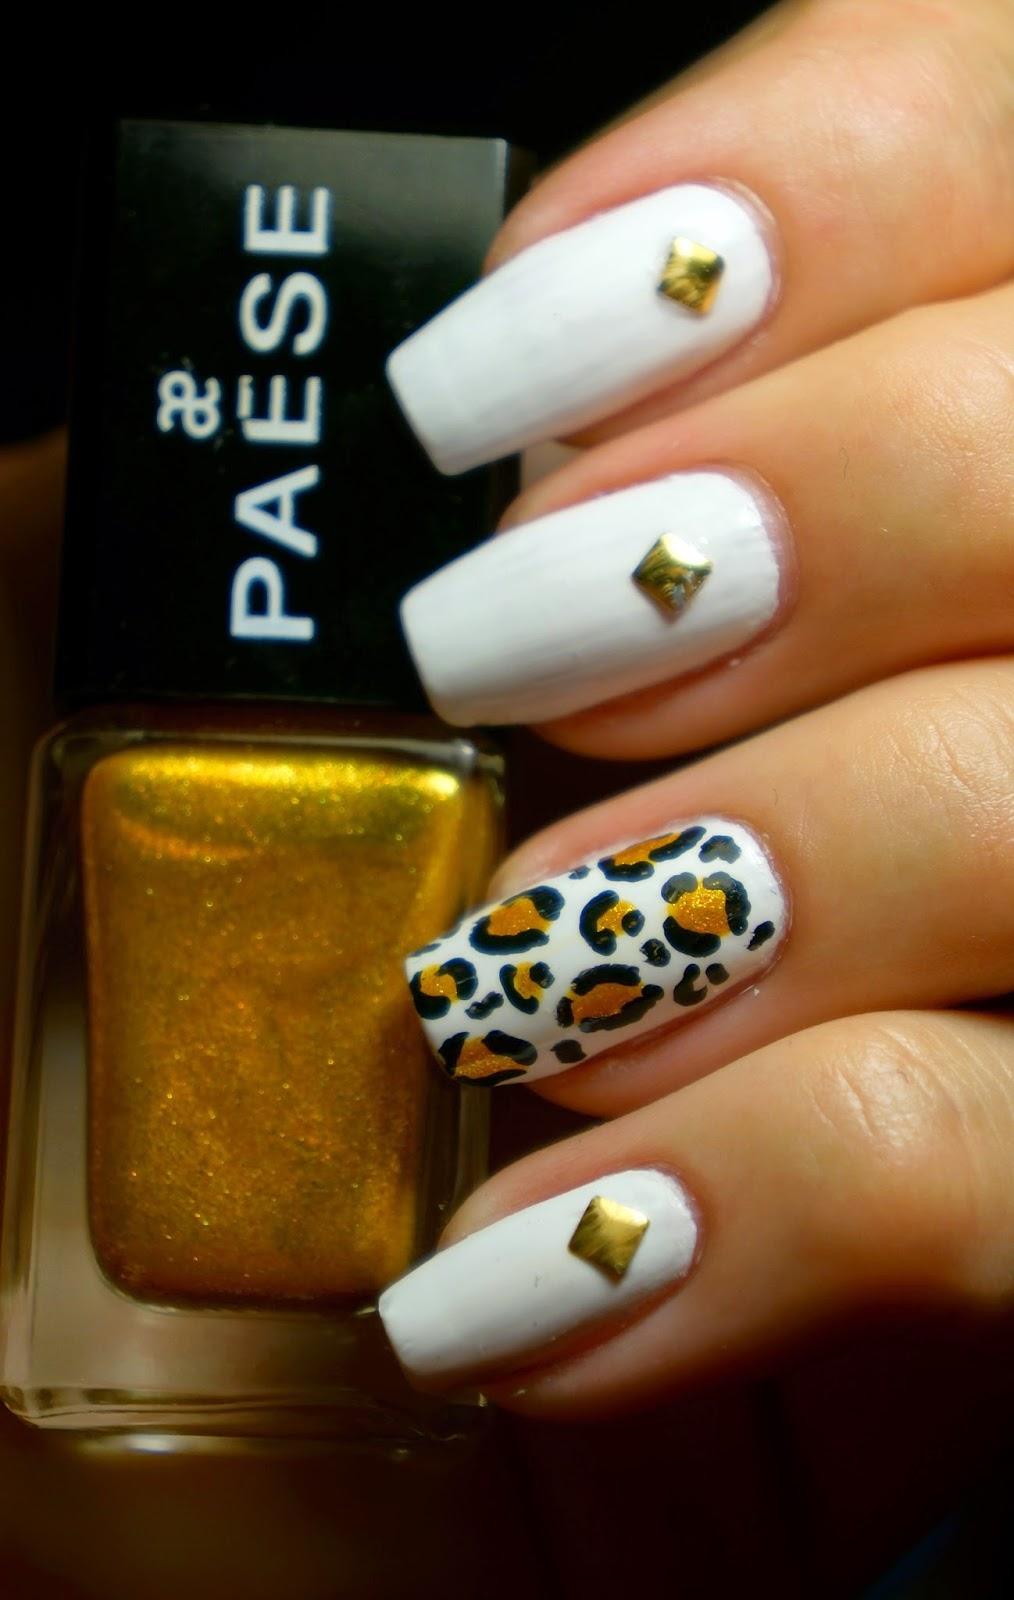 White and gold leopard print, czyli namawiam na panterke po raz enty.